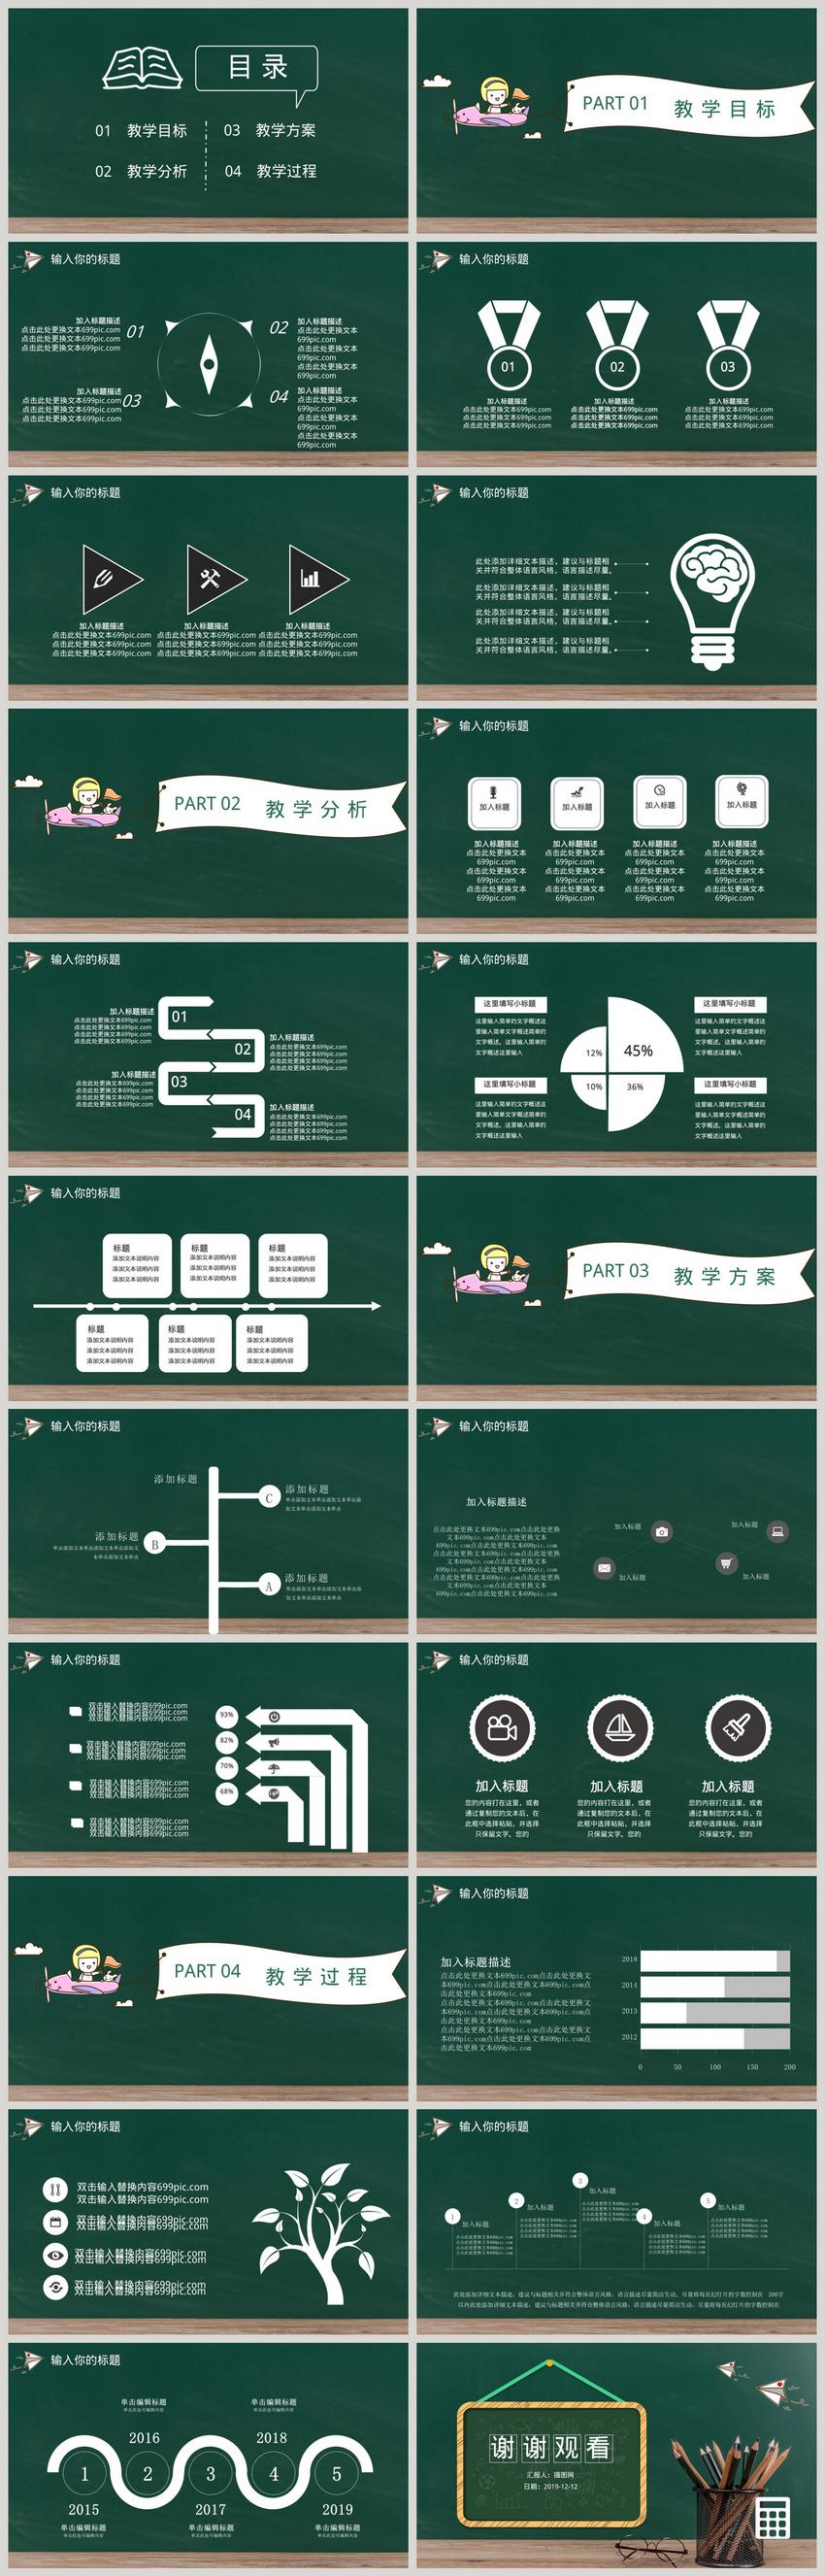 绿色简约黑板墙教育课件PPT模板图片